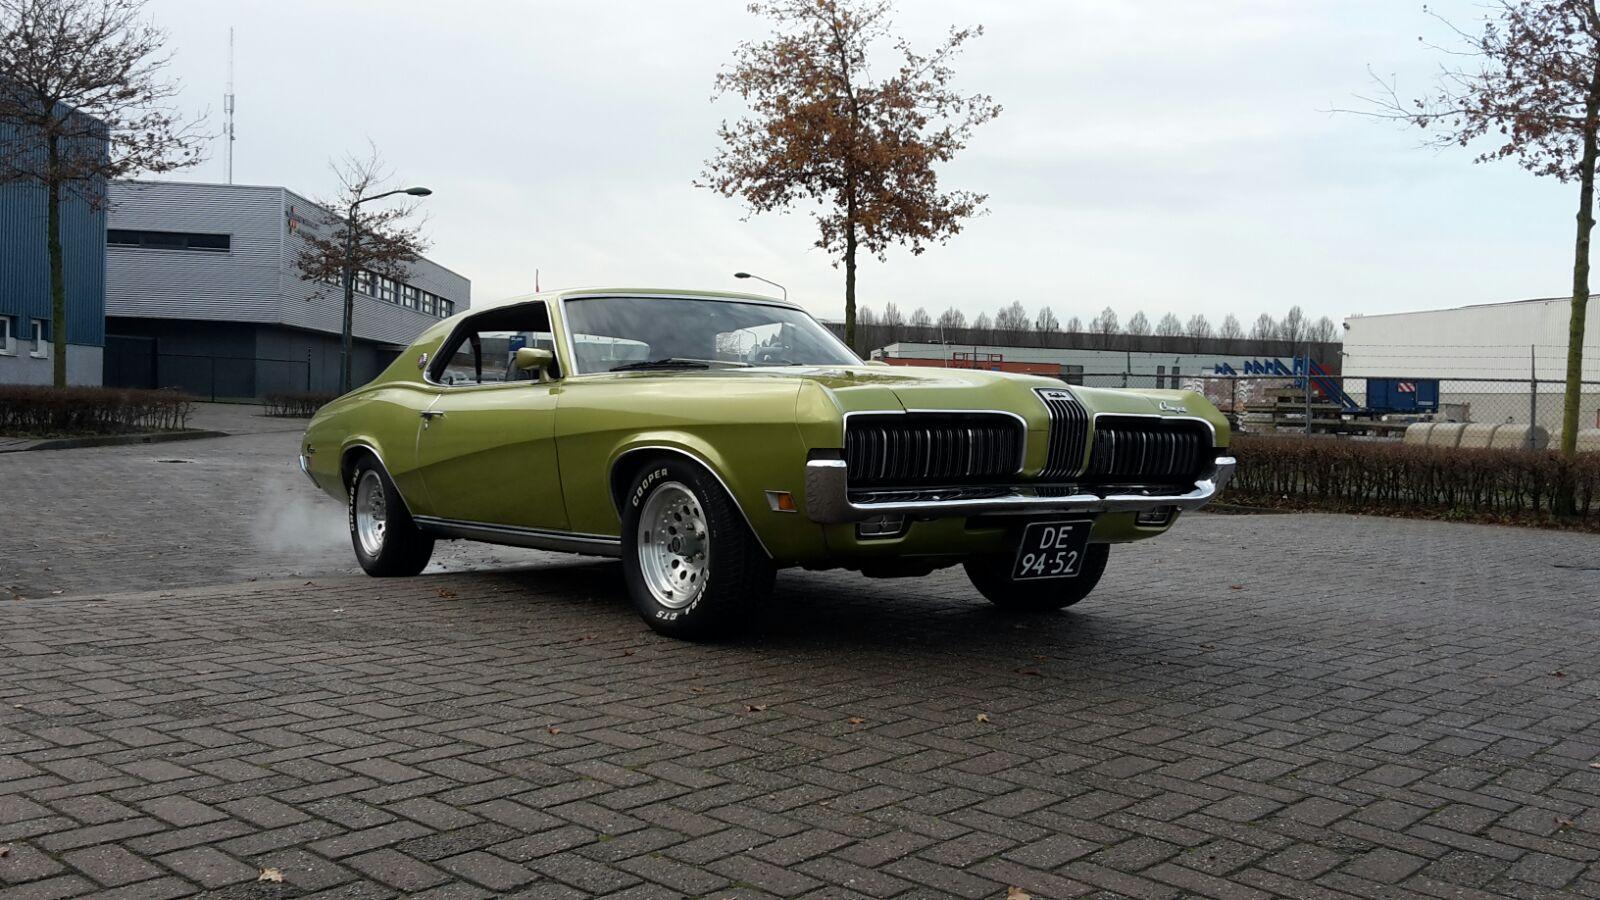 Cheap Oldtimer Cars >> Oldtimer – 1970 Mercury Cougar XR7, 5.7l V8, €17,500 ! – ExpatCars24